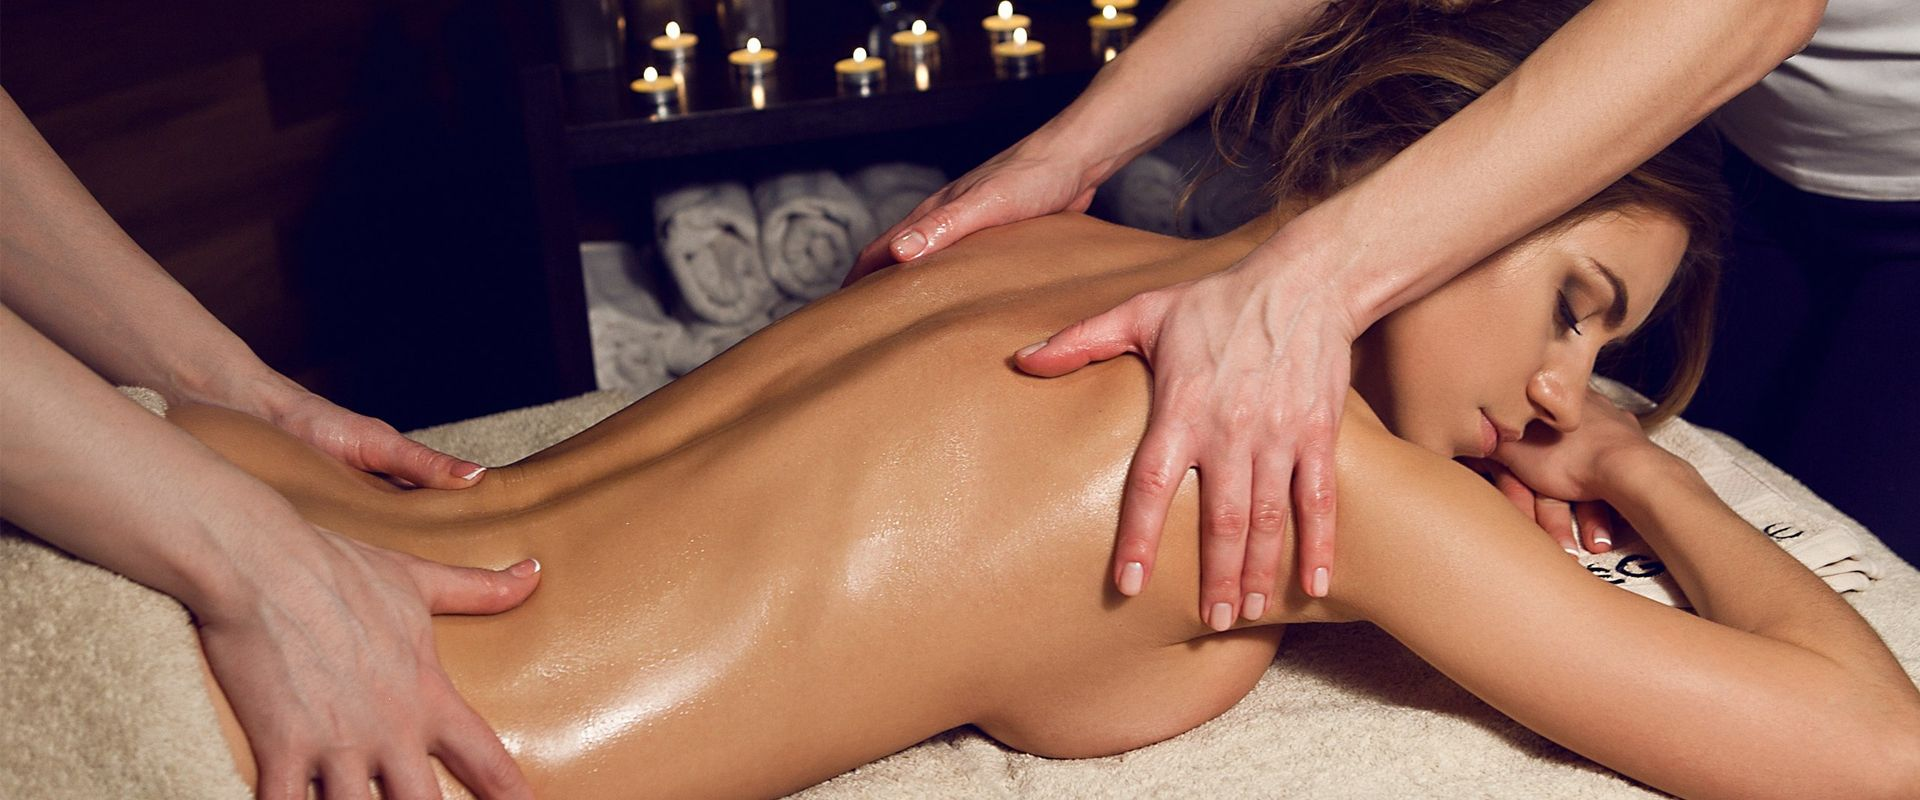 Девушка массаж видео